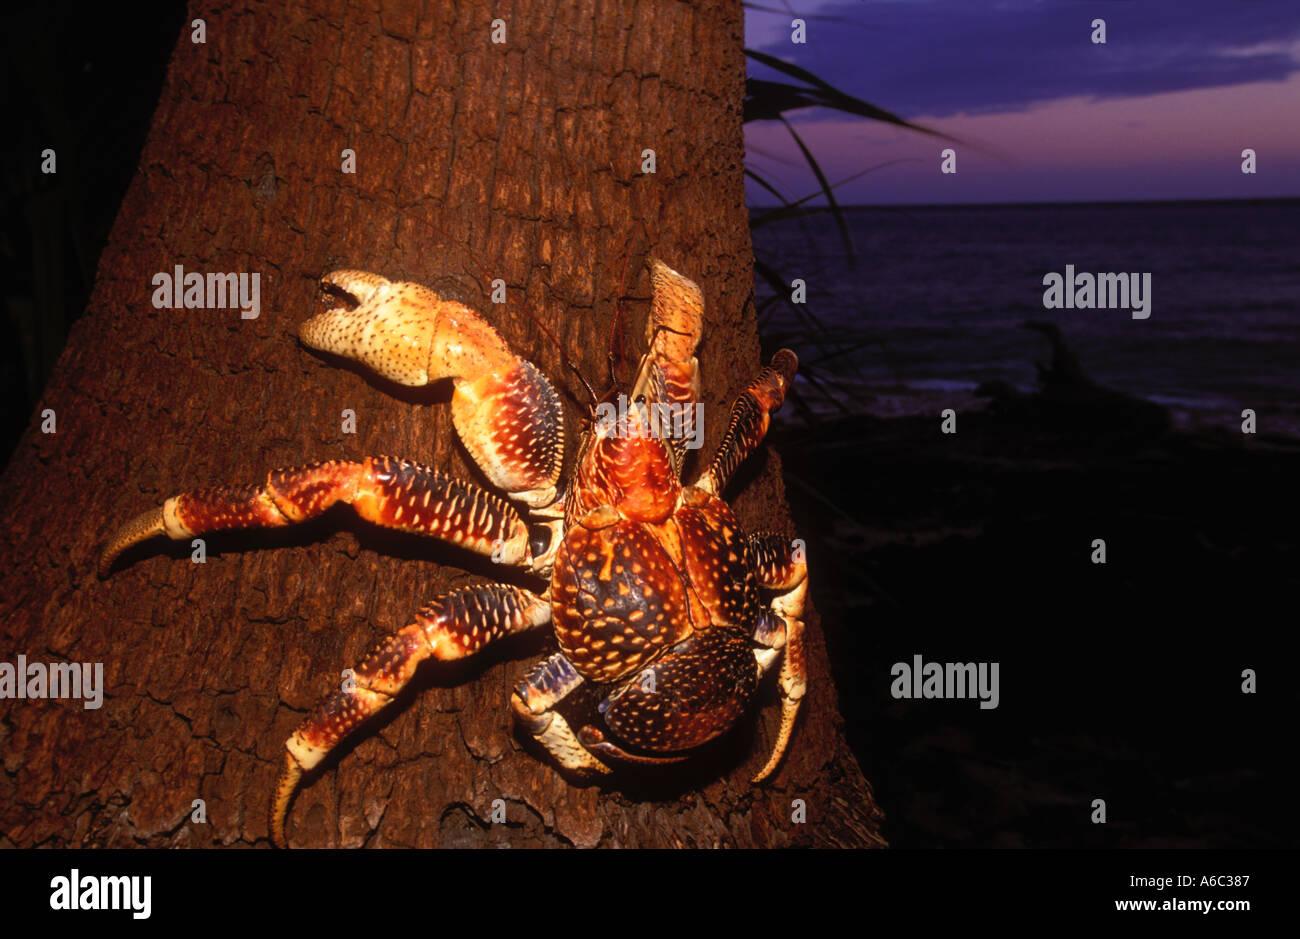 Il Cocco Robber Crab Birgus latro mondo s più grande terra crostaceo un granchio eremita in via di estinzione ovest ovest Indiano Pacifico Immagini Stock